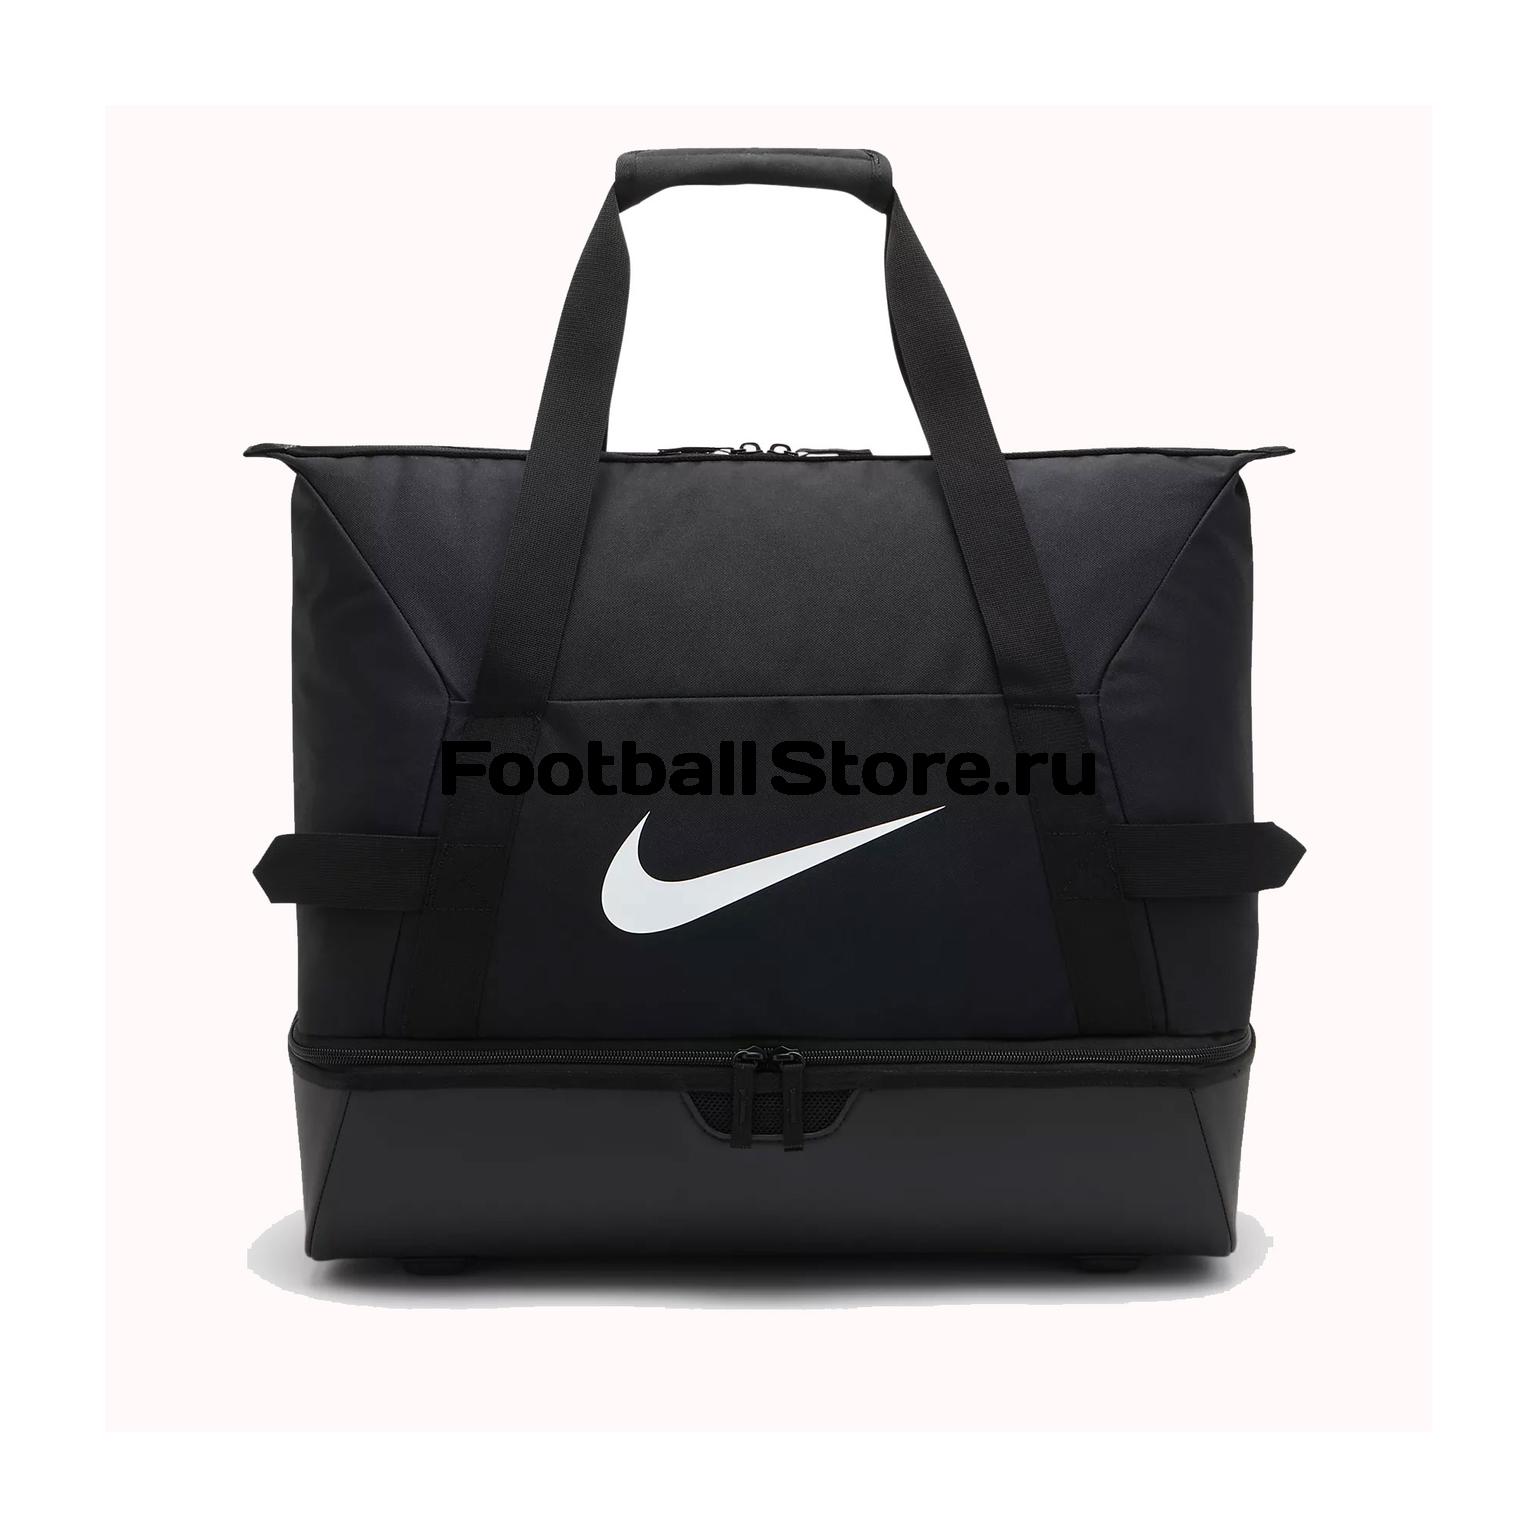 de0dcd25 Сумка Nike Academy Team M BA5507-010 – купить в интернет магазине  footballstore, цена, фото